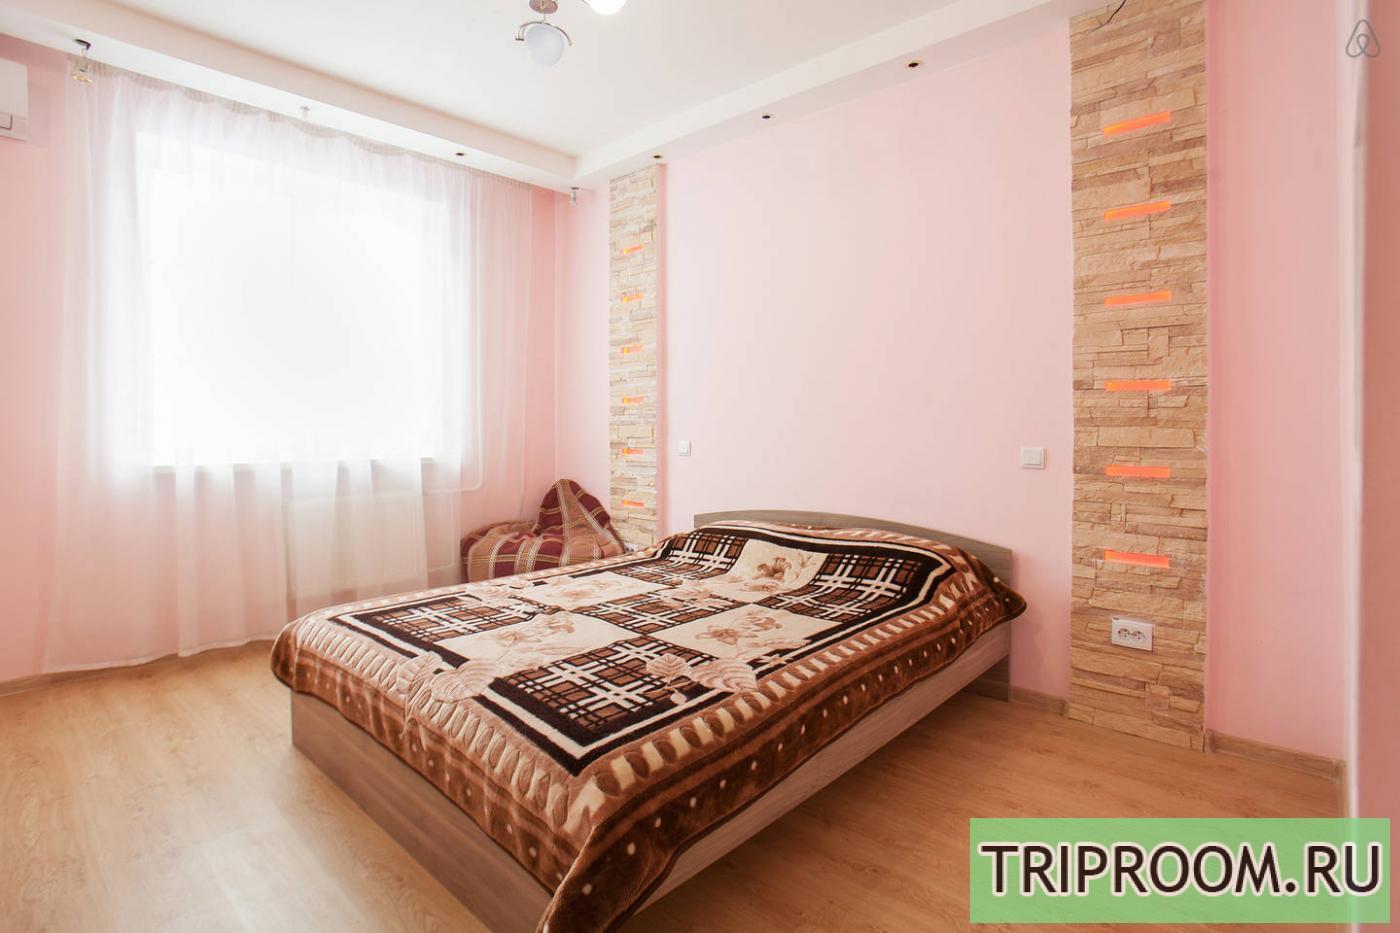 3-комнатная квартира посуточно (вариант № 1242), ул. Островского улица, фото № 1